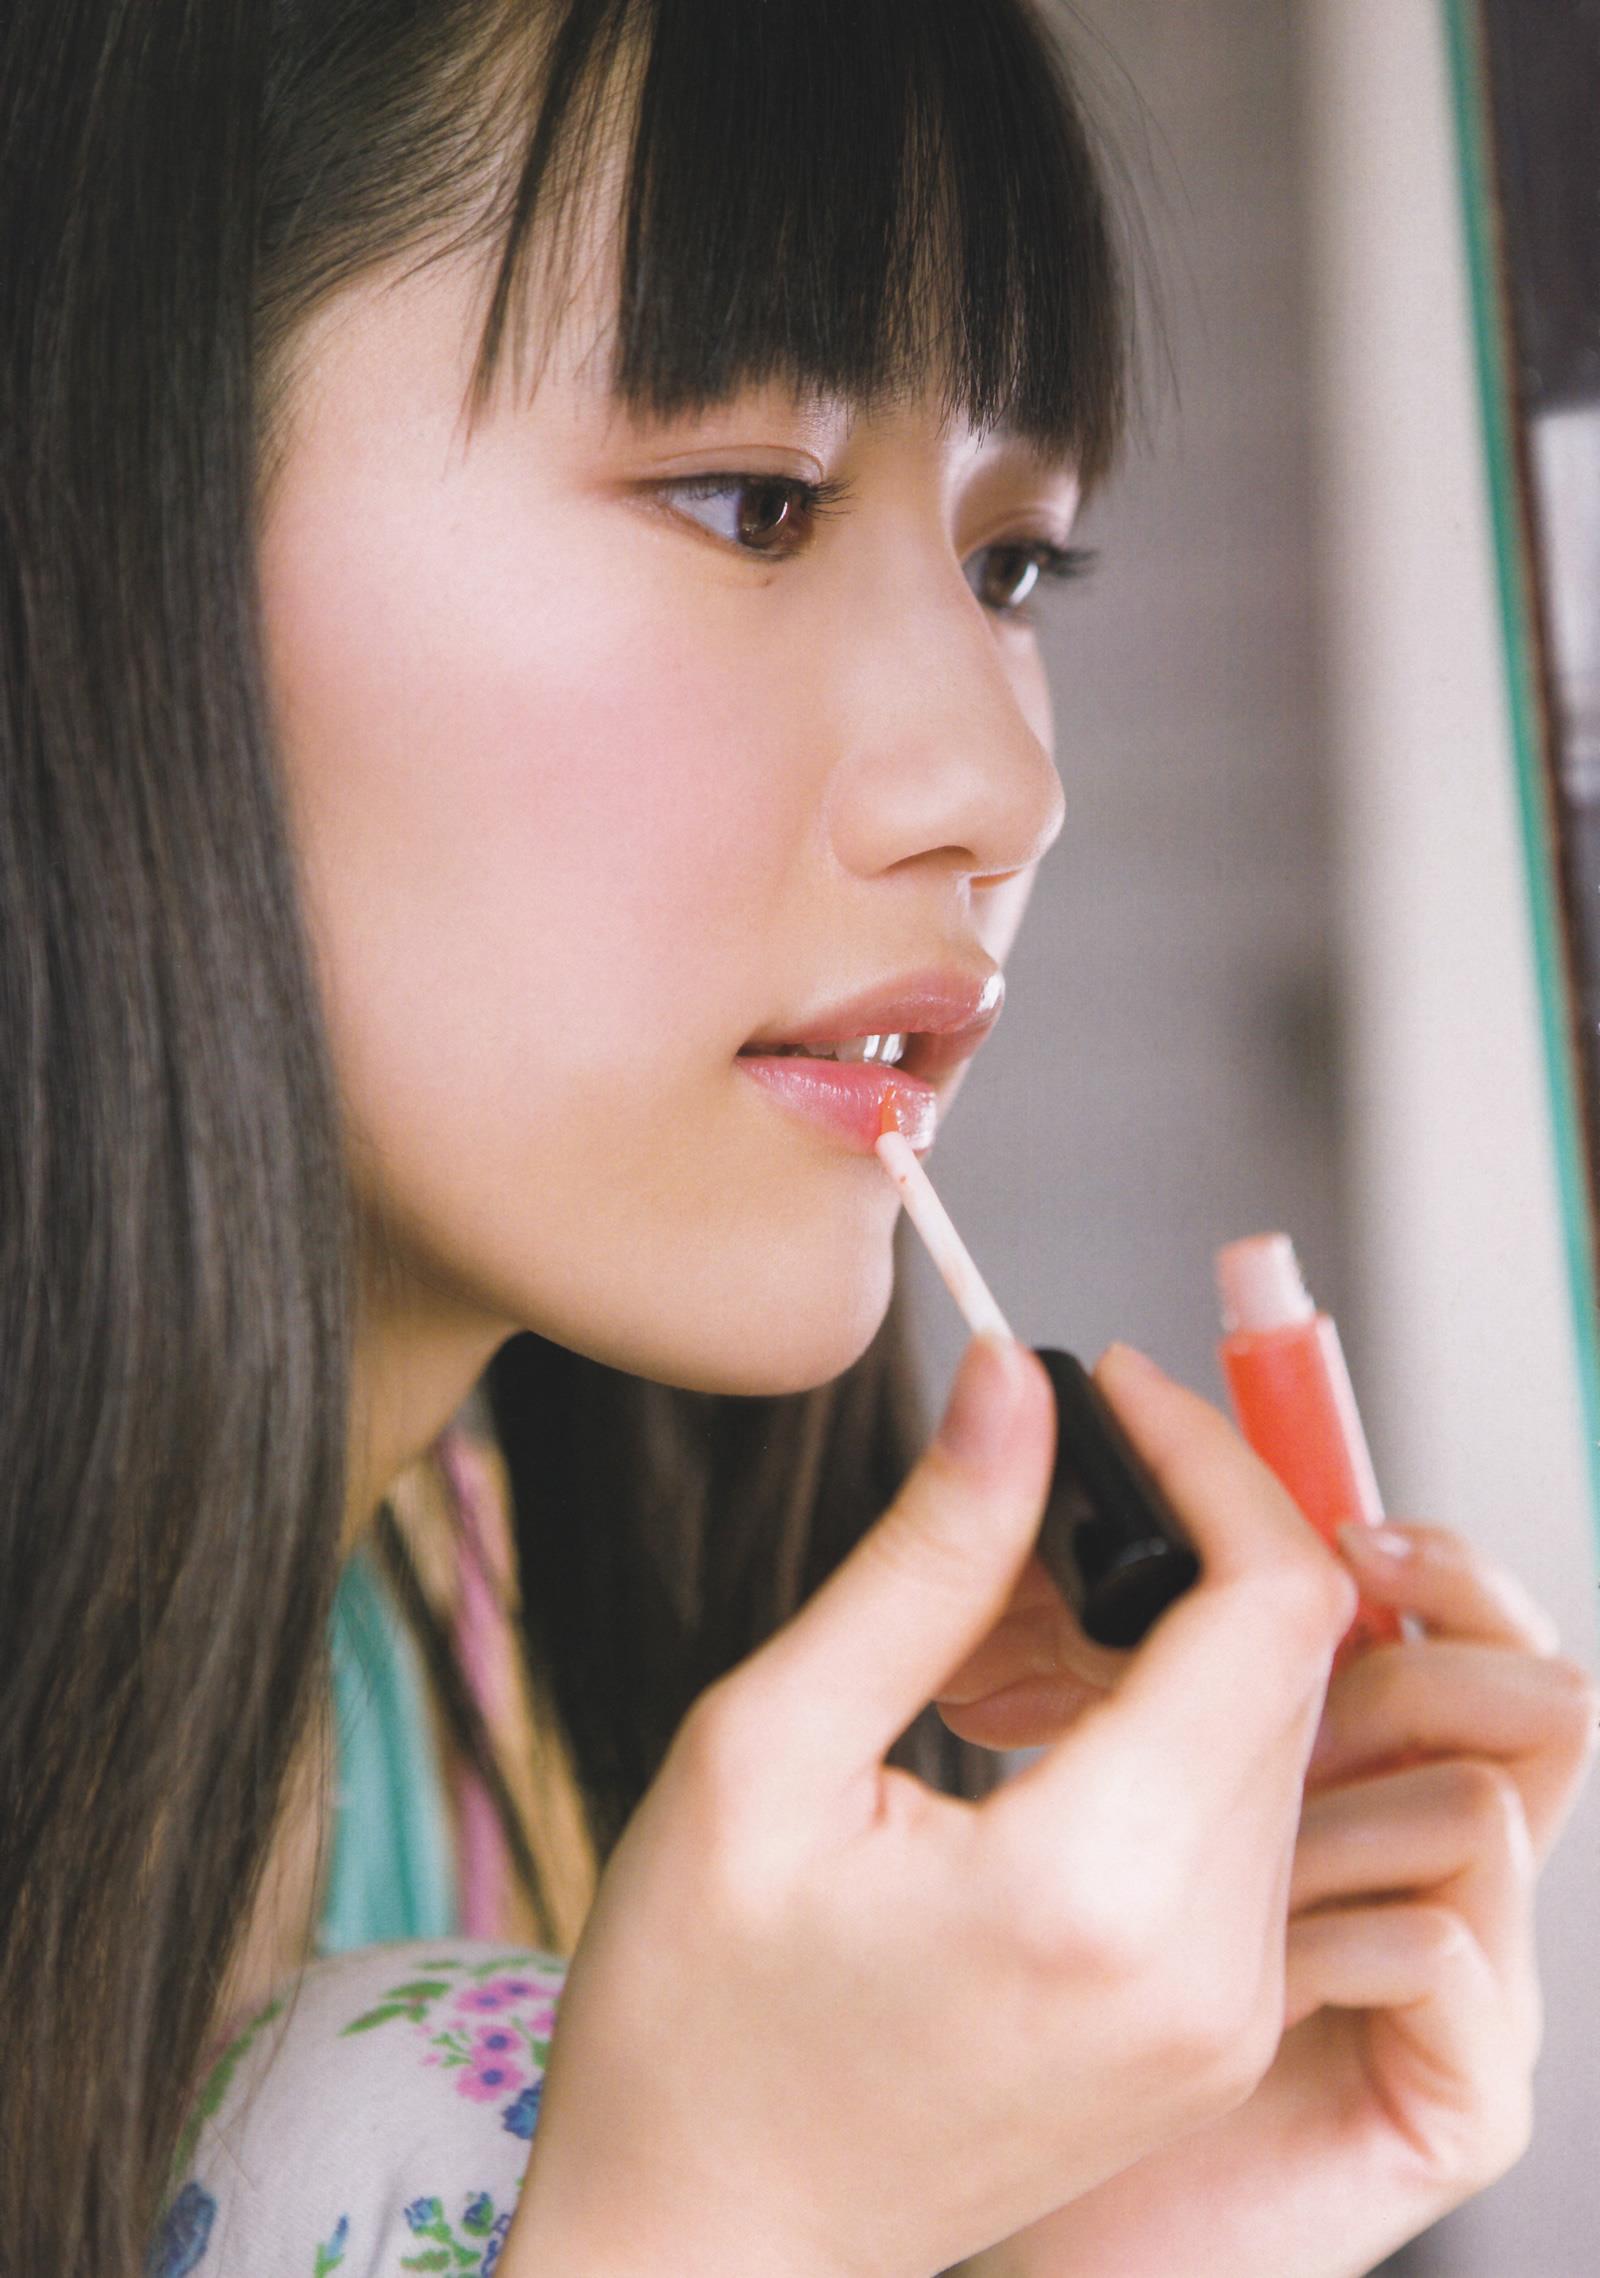 渡辺麻友 写真集「まゆゆ」 画像 15